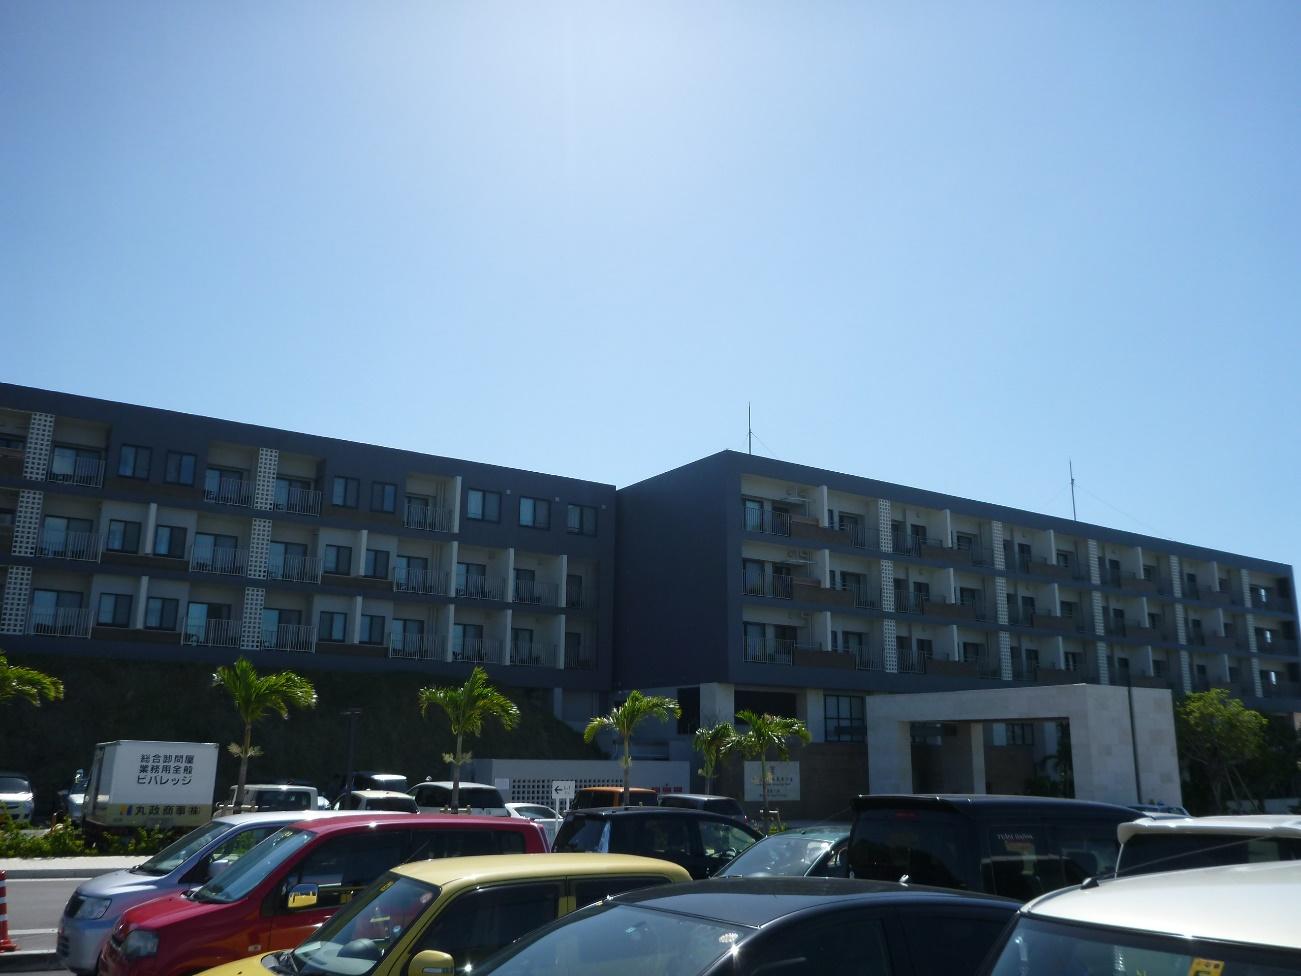 那覇空港に一番近い島に佇む 琉球温泉・瀬長島ホテル